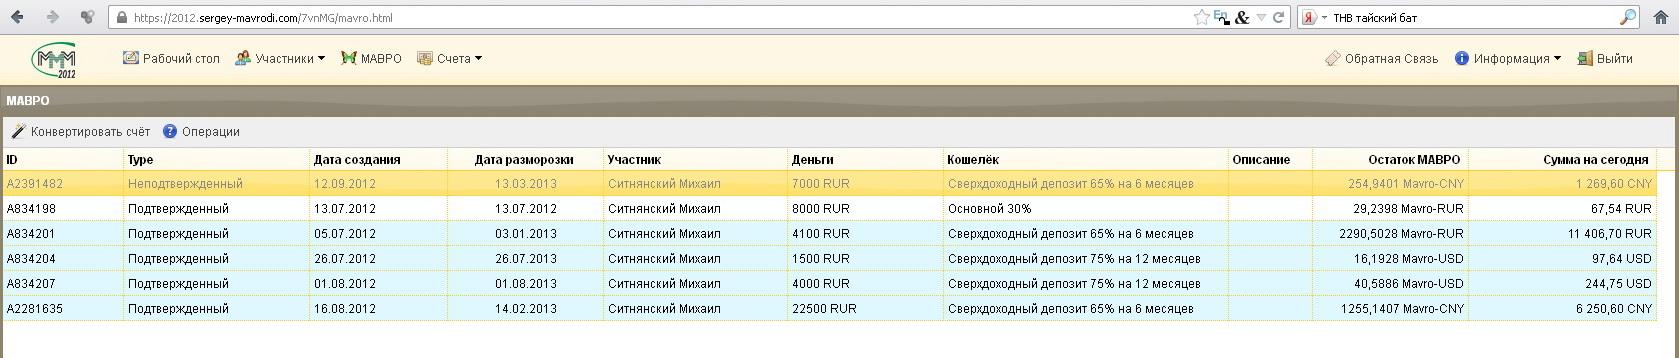 МММ-2012. Вклады боярина Михаила Ситнянского на 12 сентября 2012